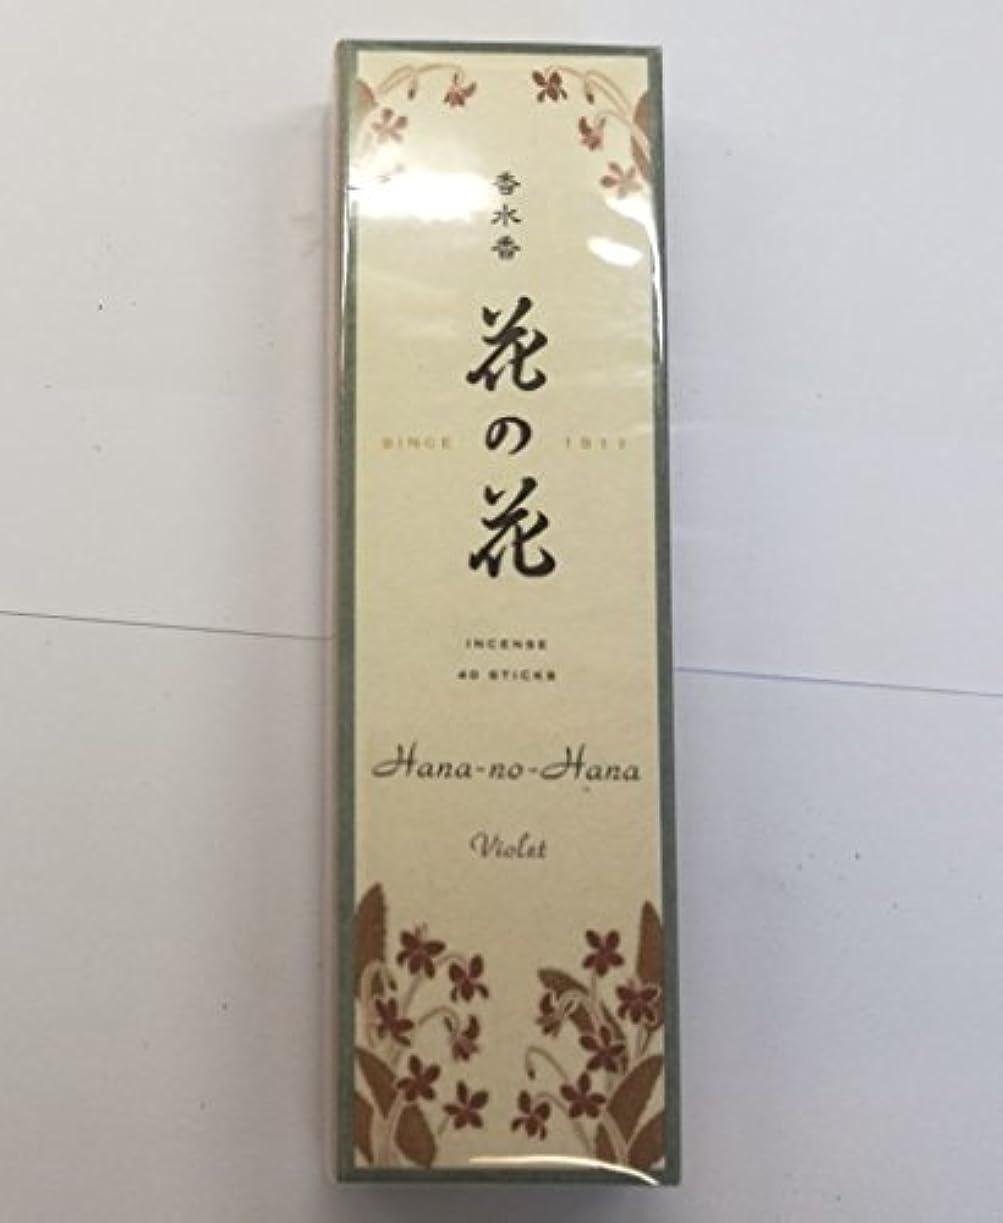 制限含めるモディッシュお香 香水香花の花すみれ 長寸40本入(30007)